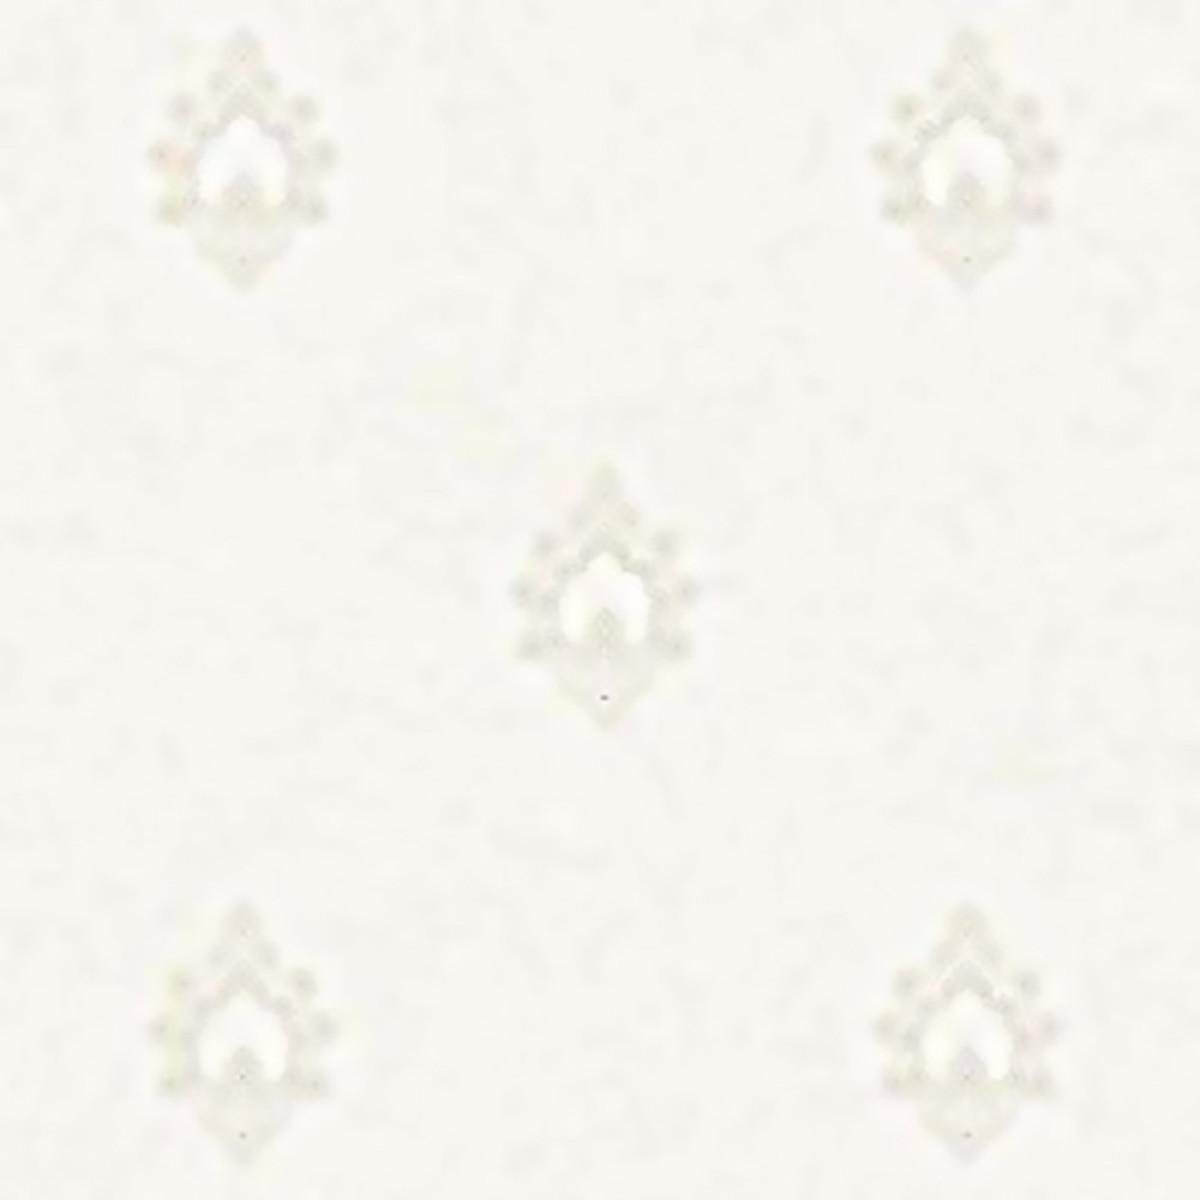 Обои виниловые Gaenari бежевые 1.06 м 81136-1